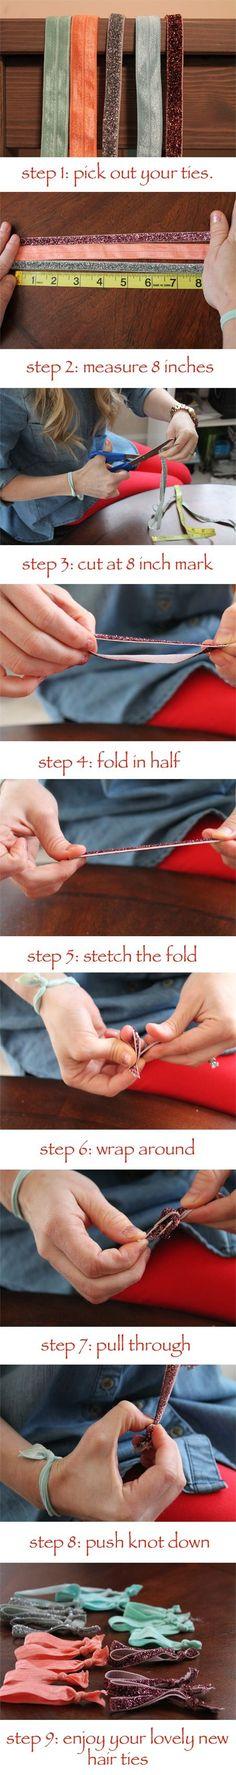 DIY hair ties! make 5 hair ties for only a buck!